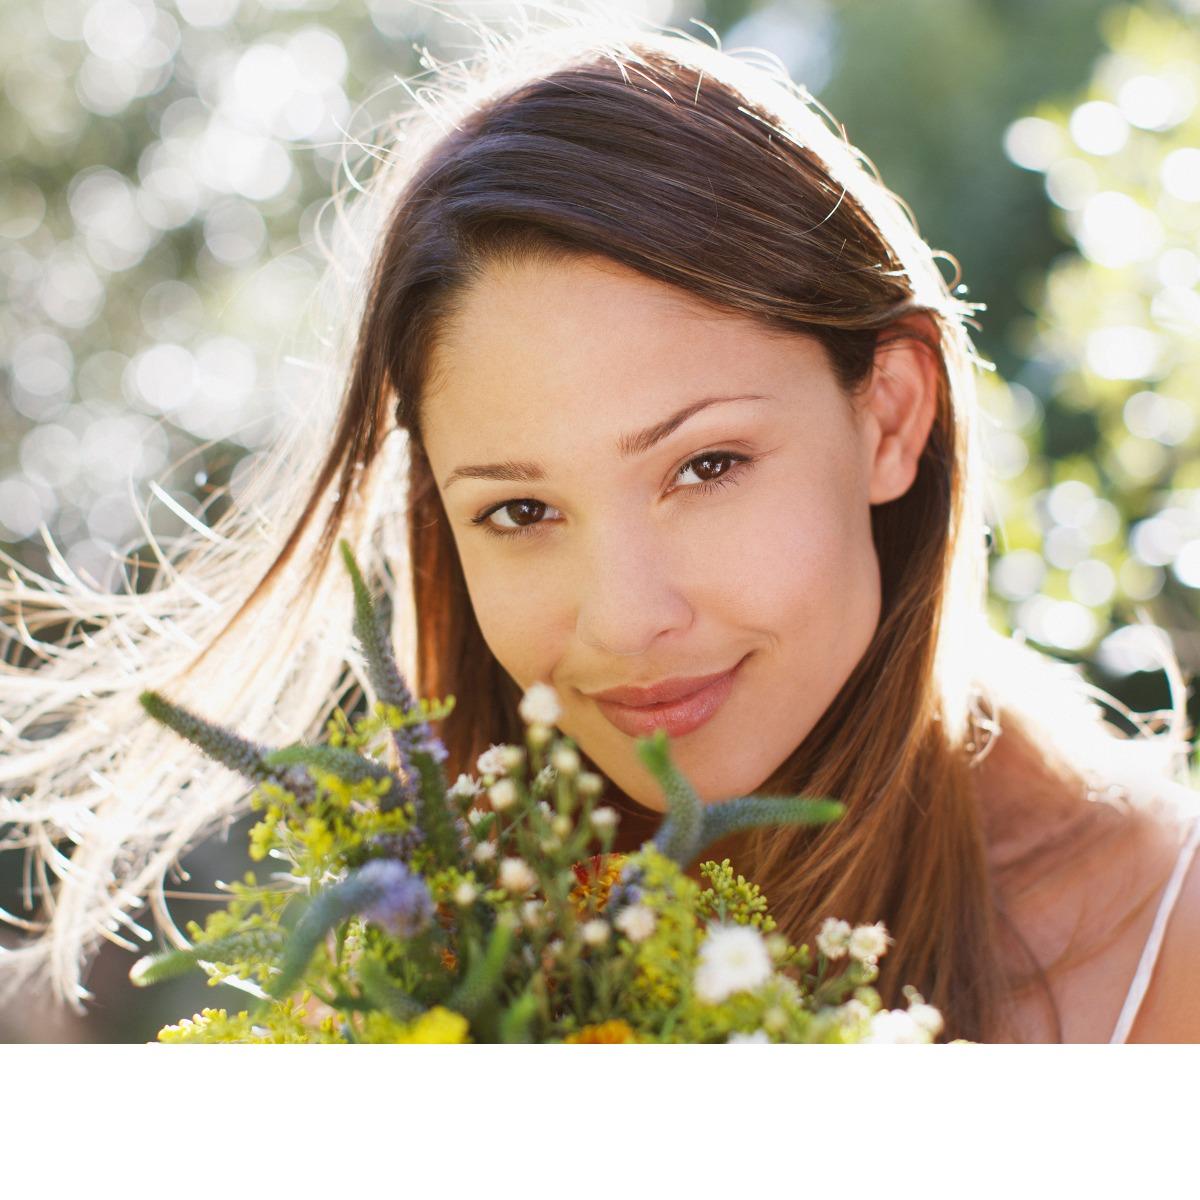 5 conseils pour le soin de votre peau au printemps - A lire maintenant !